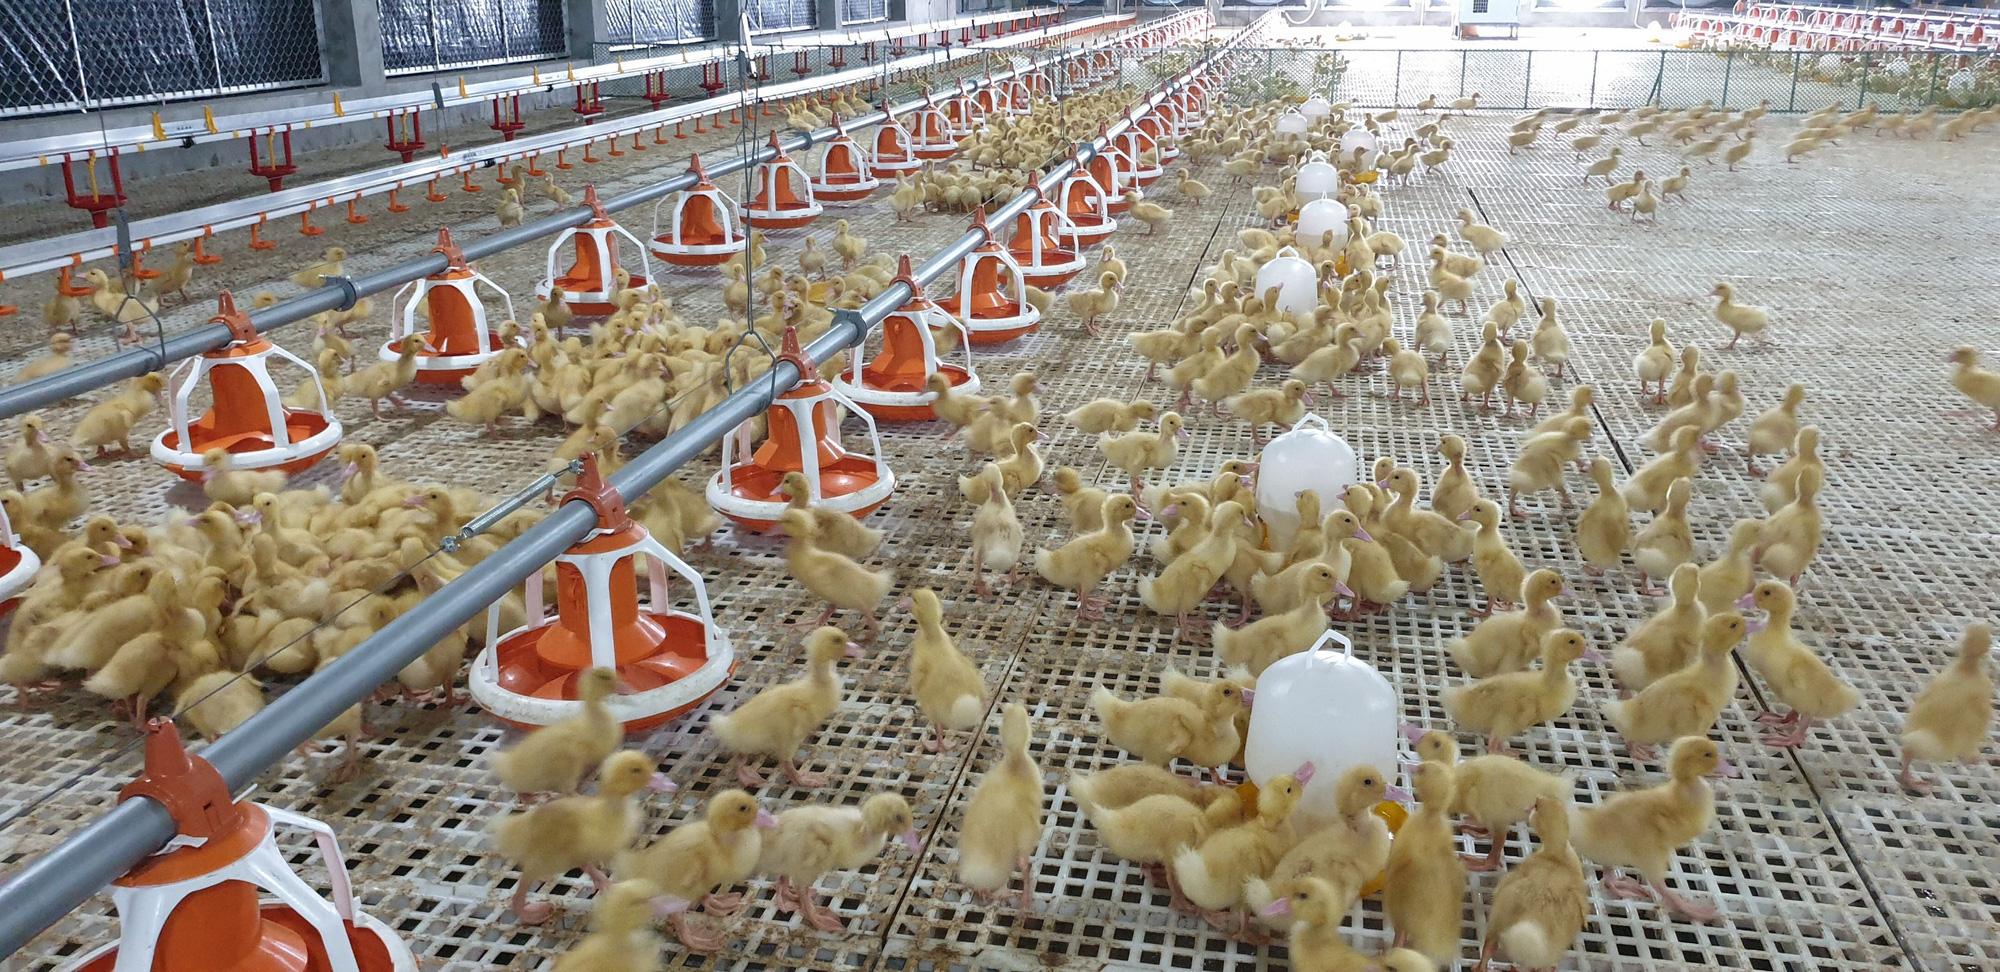 Cần nâng cao vị thế ngành gia cầm Việt Nam, hướng tới xuất khẩu - Ảnh 3.